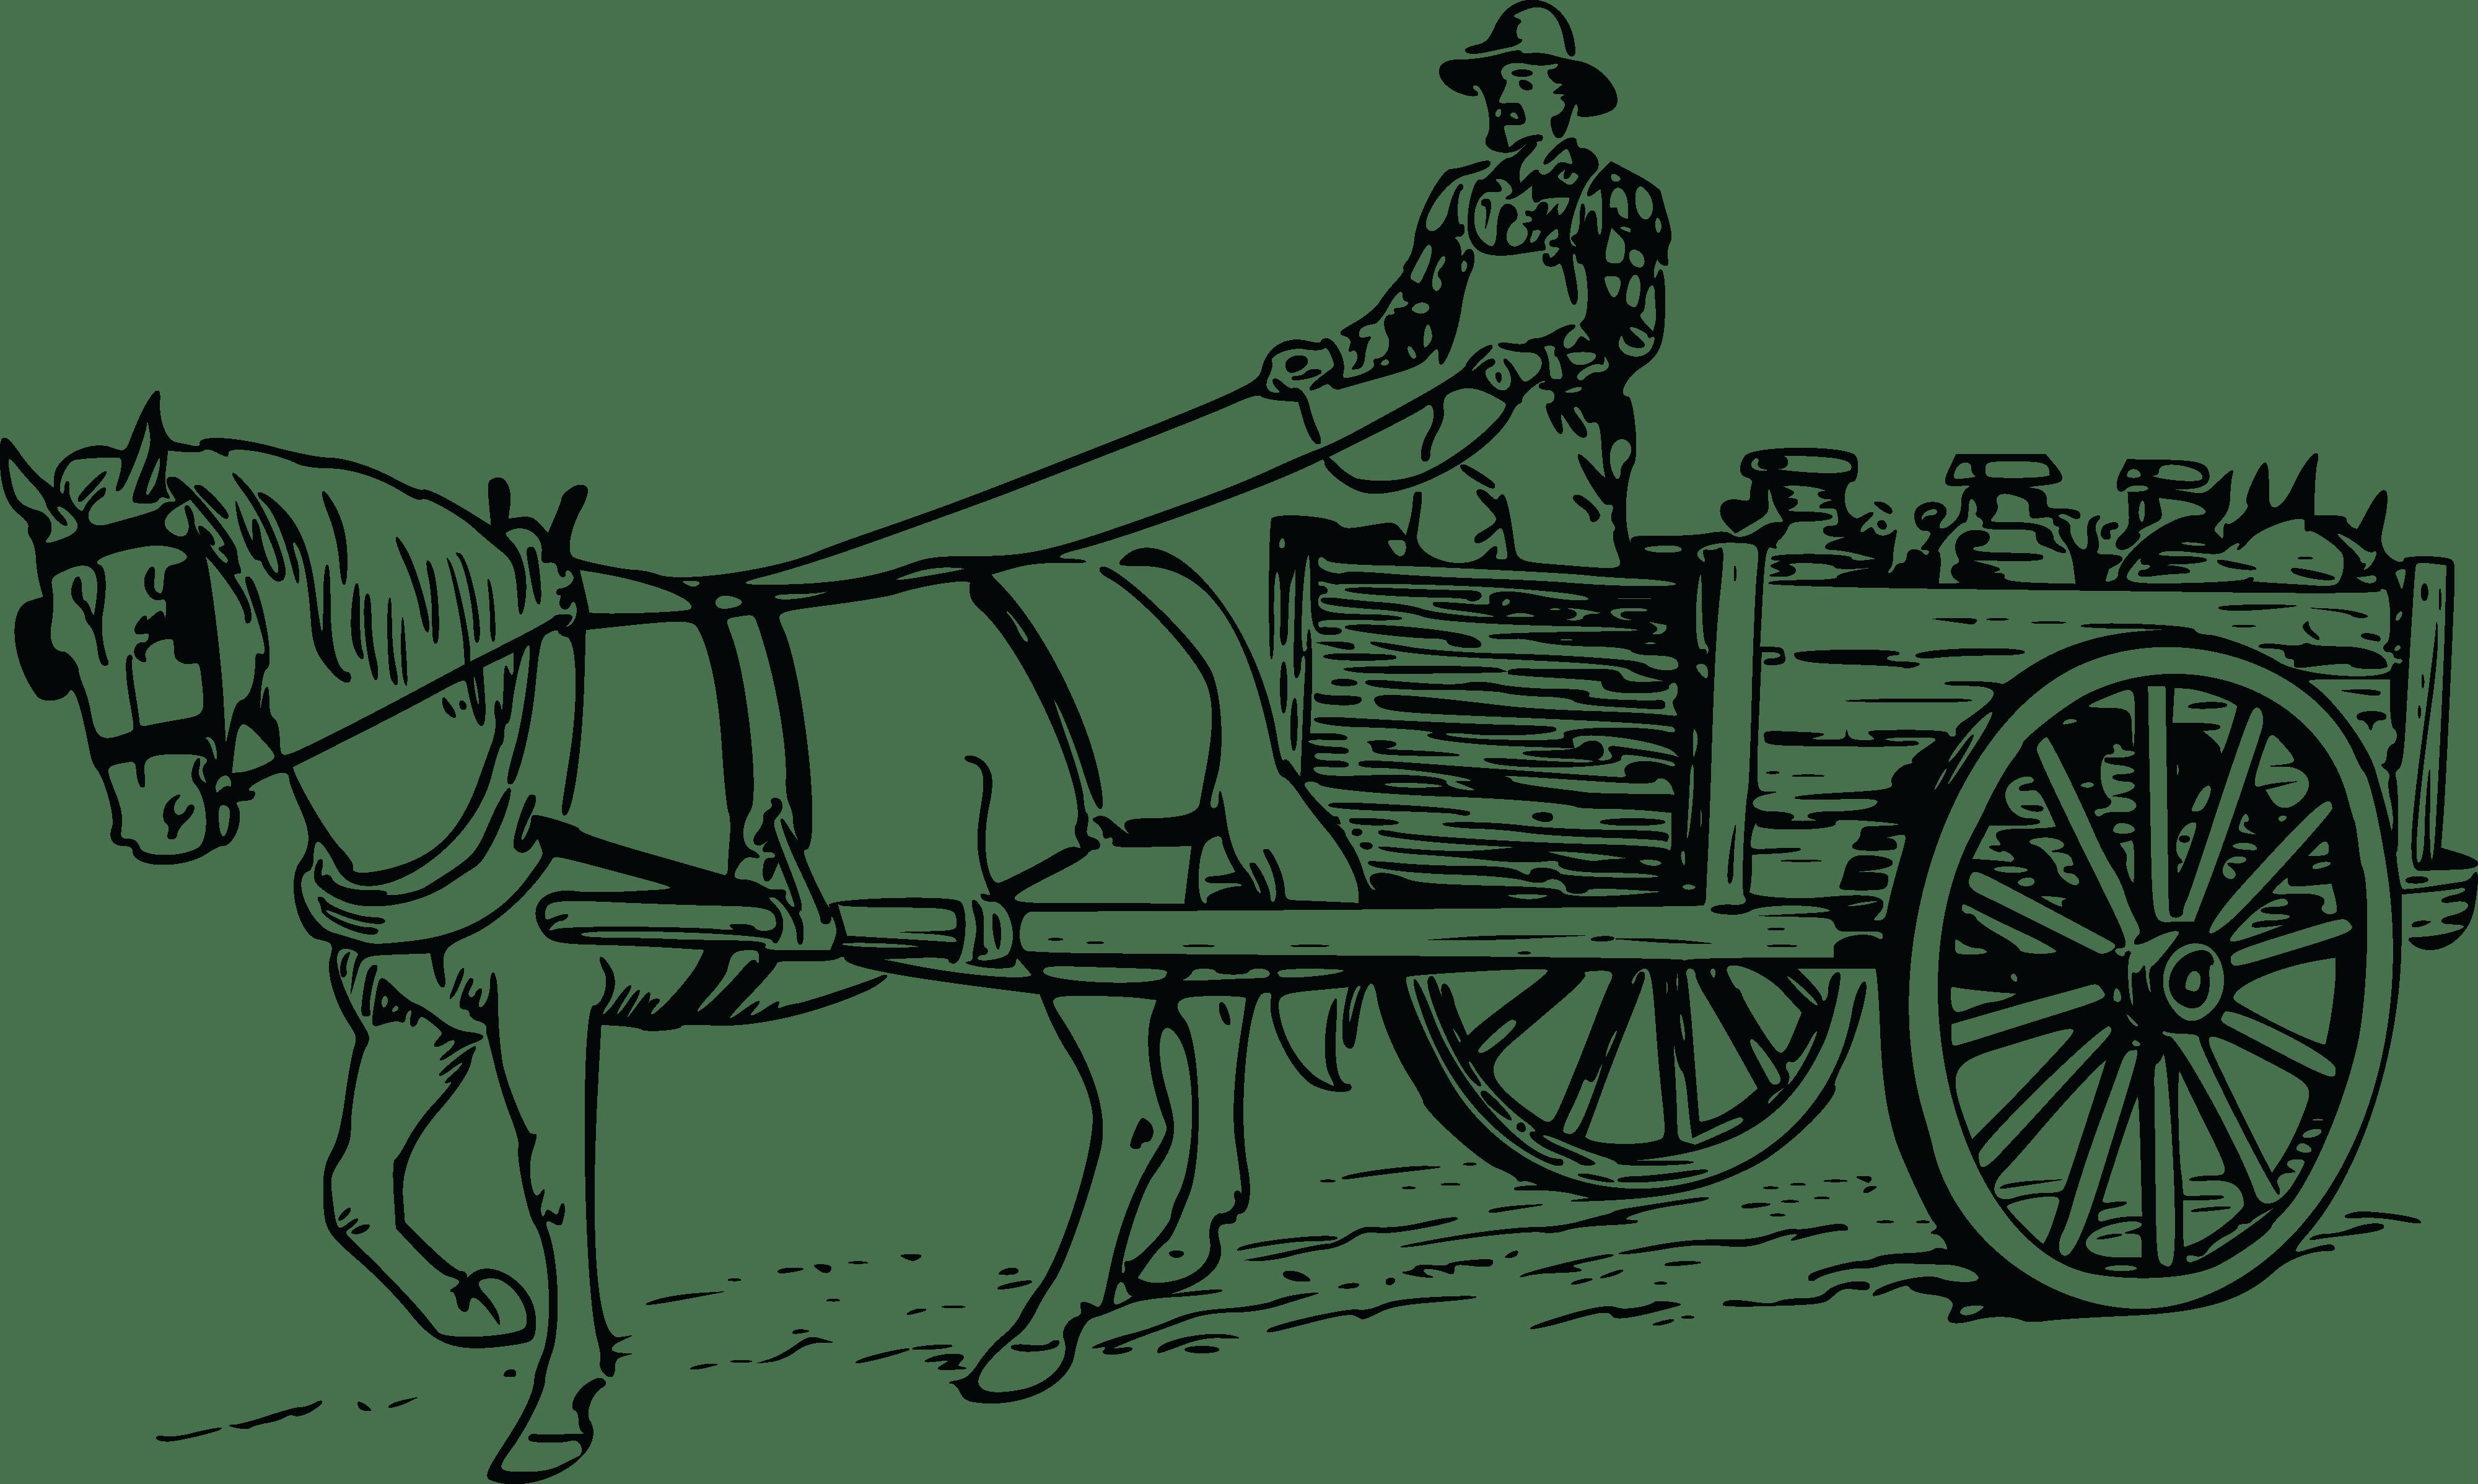 Free Clipart Of A Farmer Driving A Horse Drawn Cart